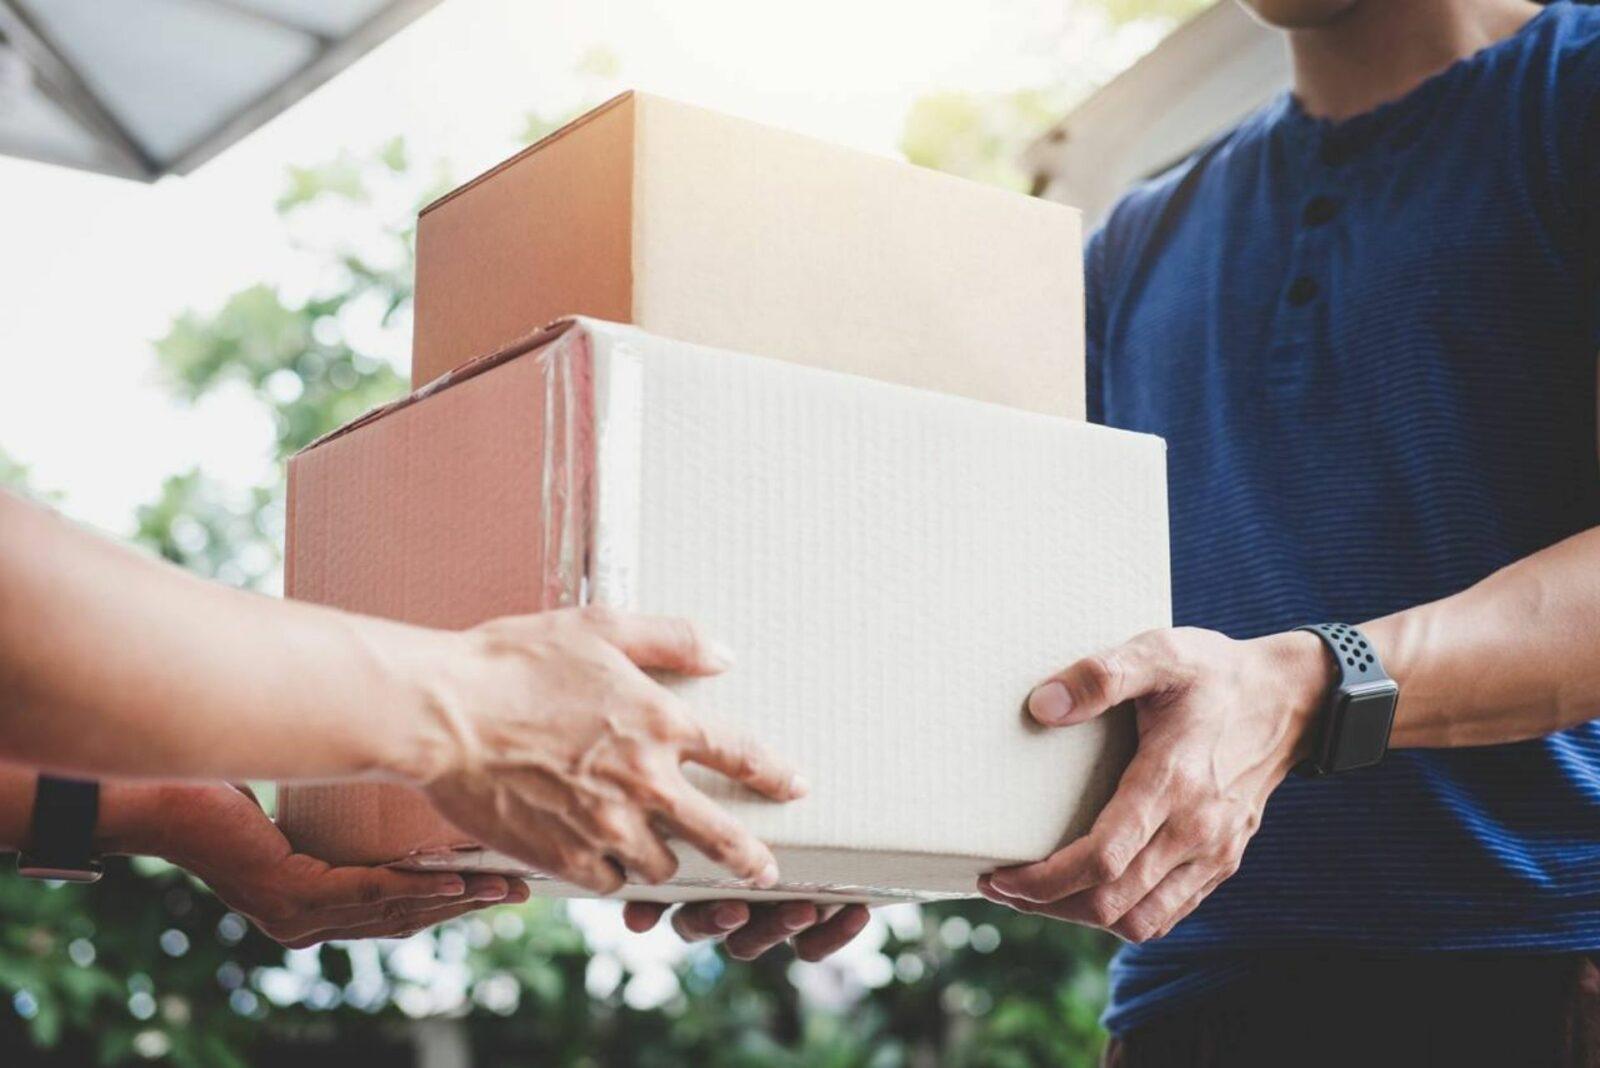 Colis volumineux : comment réduire les coûts d'envoi ?